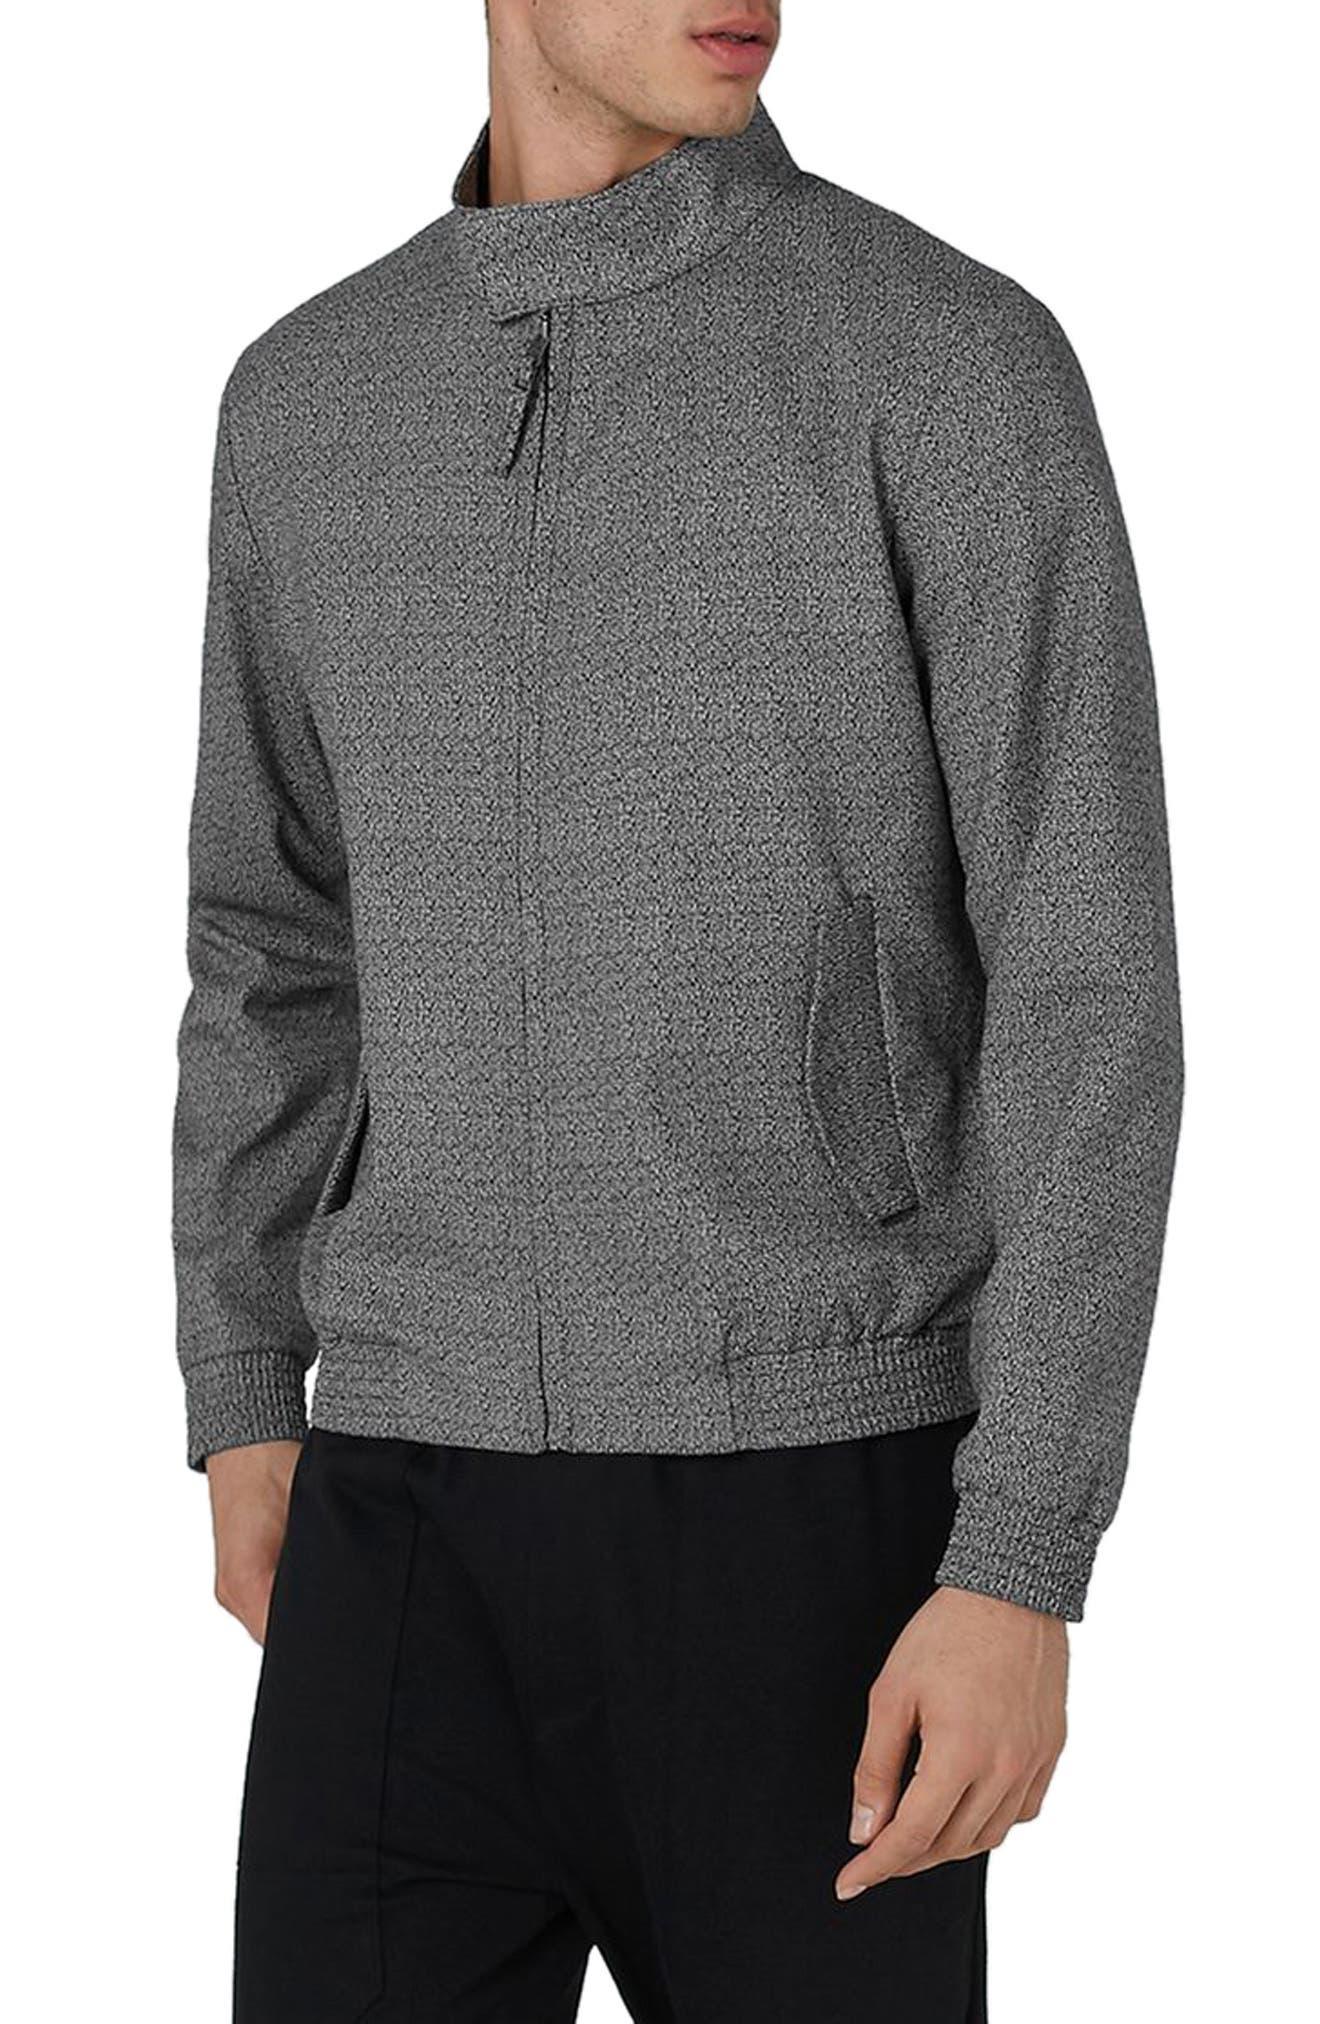 Main Image - Topman Textured Harrington Jacket